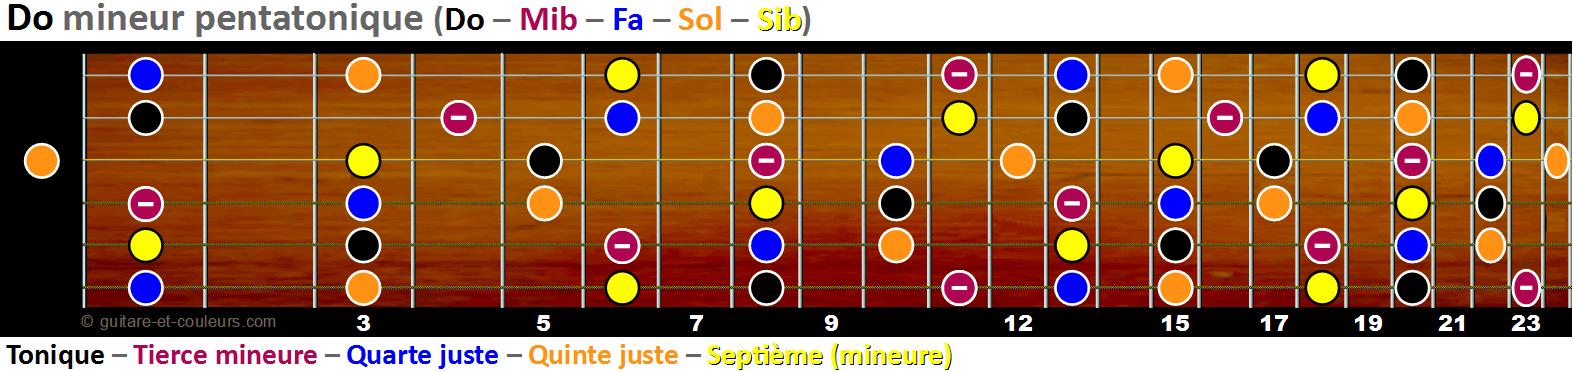 La gamme de Do mineur pentatonique